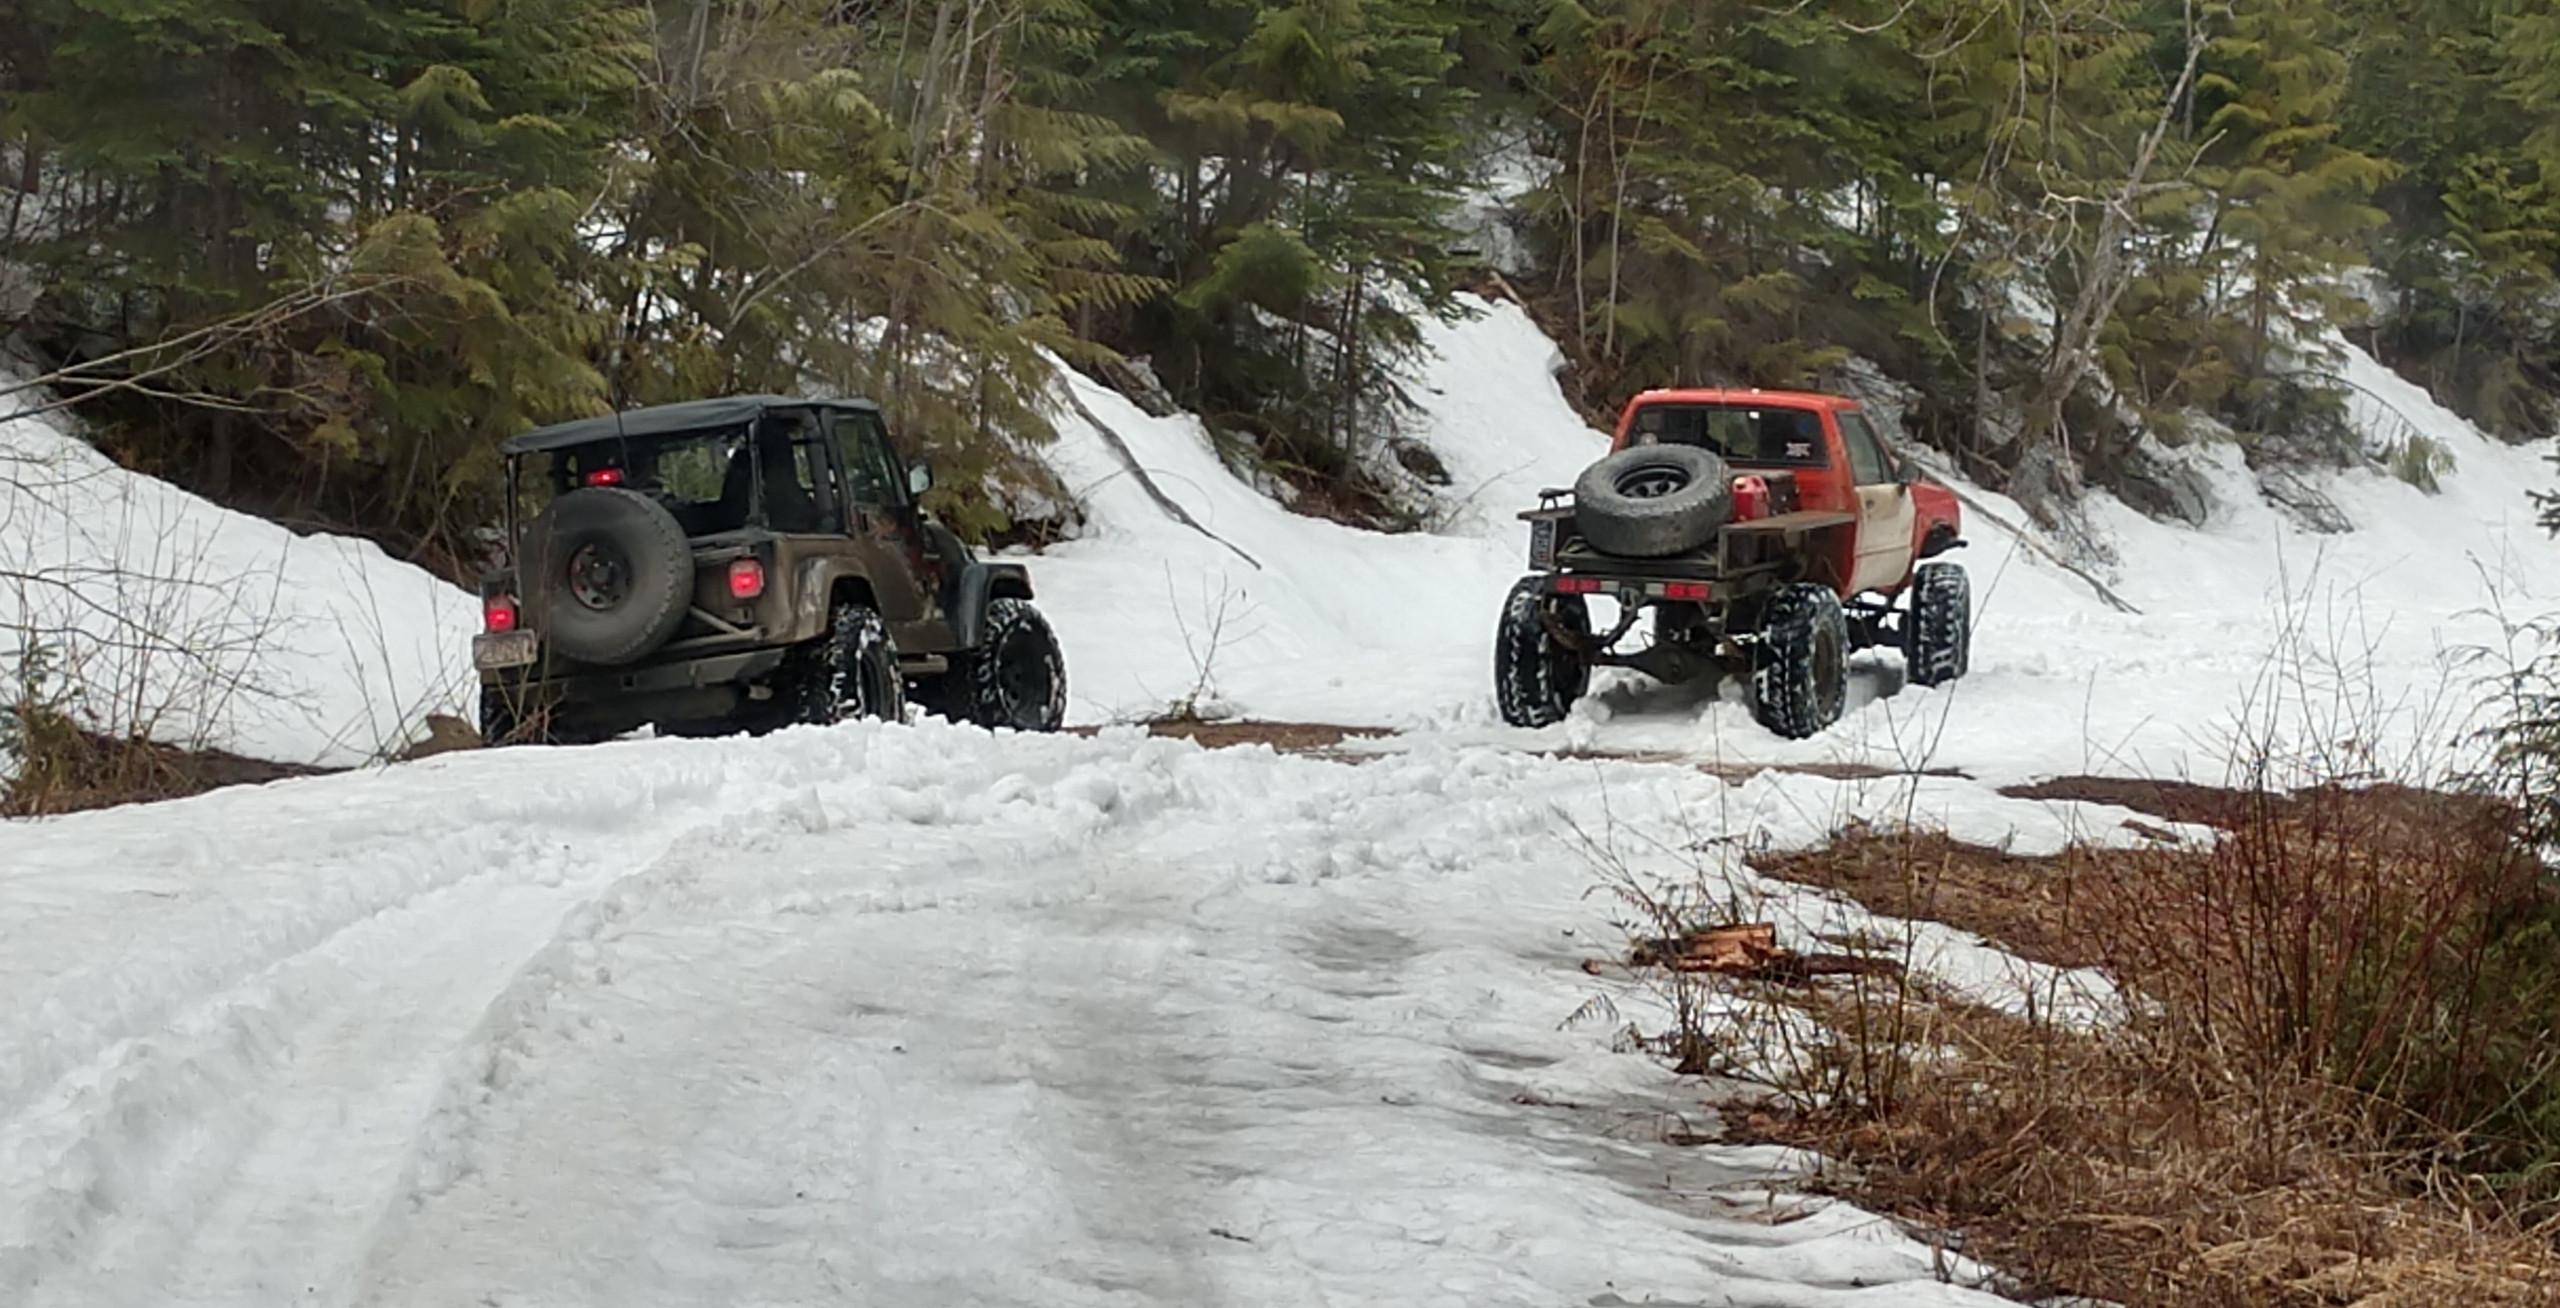 First deep snow we found